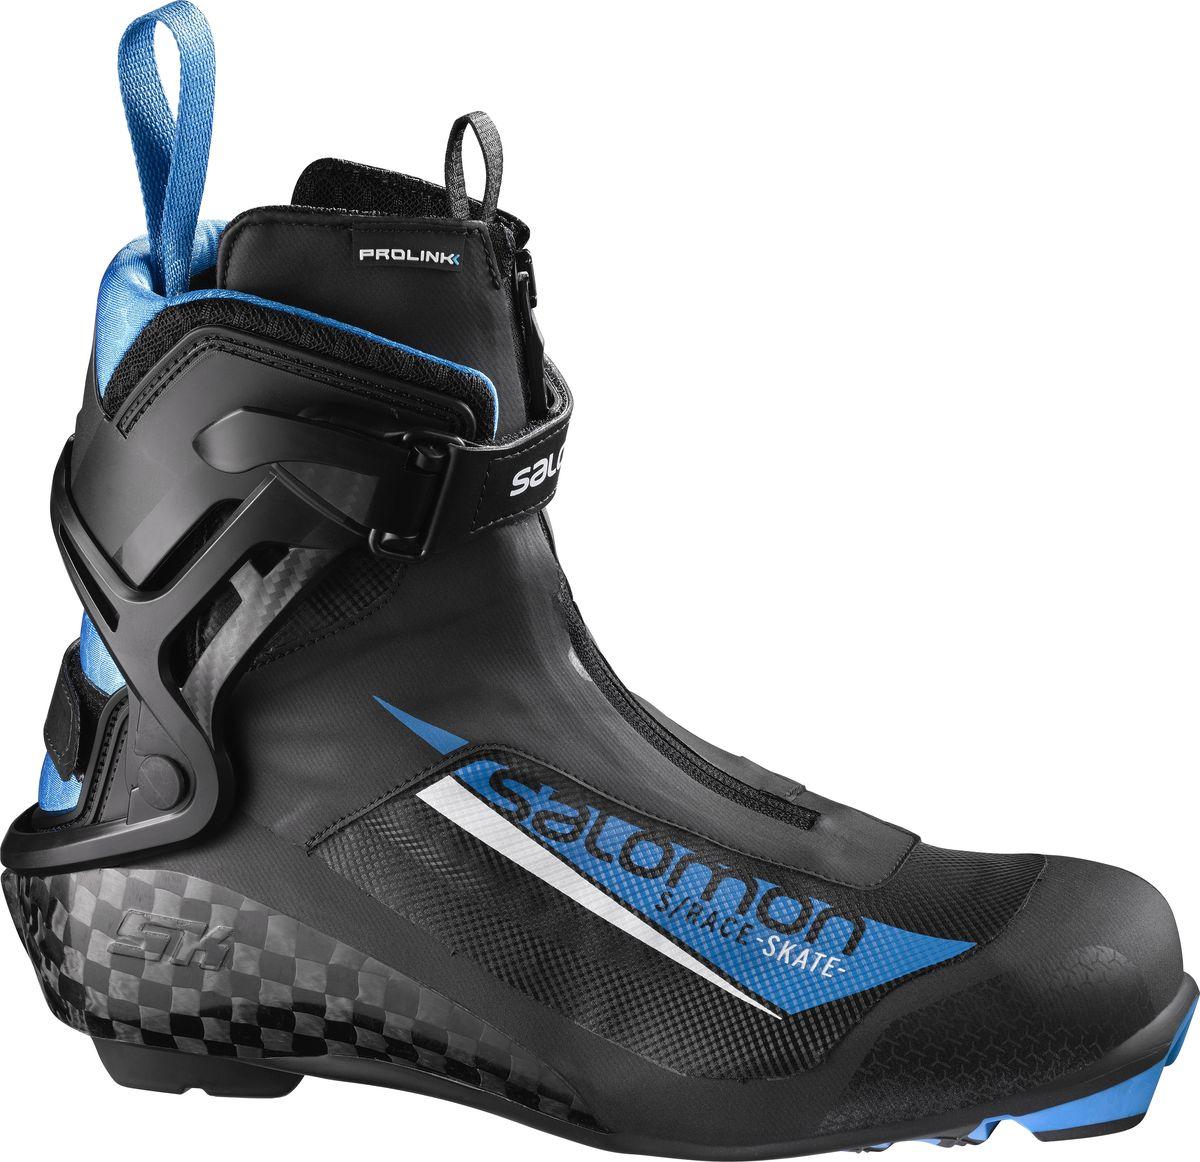 Почувствуйте силу и контроль, которые придают такую скорость модели S/Race Skate. Модель S/Race Skate на мощном, легком и прочном шасси 3D из карбонового волокна обеспечит прекрасную передачу бокового усилия, а также позволит точно отрегулировать ботинок по ноге с помощью конструкции Second Skin Construction, мягко и комфортно облегающей ногу.Передача усилияГоленище Energyzer обеспечит мягкую и эффективную передачу усилия.Минимальный весКарбоновое усиление и легкие материалы обеспечат вас энергией на протяжении всего дня.Идеальная посадкаСистема регулировки Second skin — это точность и контакт с поверхностью.защитаЗащита шнуровки с молнией по диагоналиРемешок на лодыжкеРемешок Memo Strap с системой защелкиванияПодошваProlink Racing Skate1250г. для размера 8